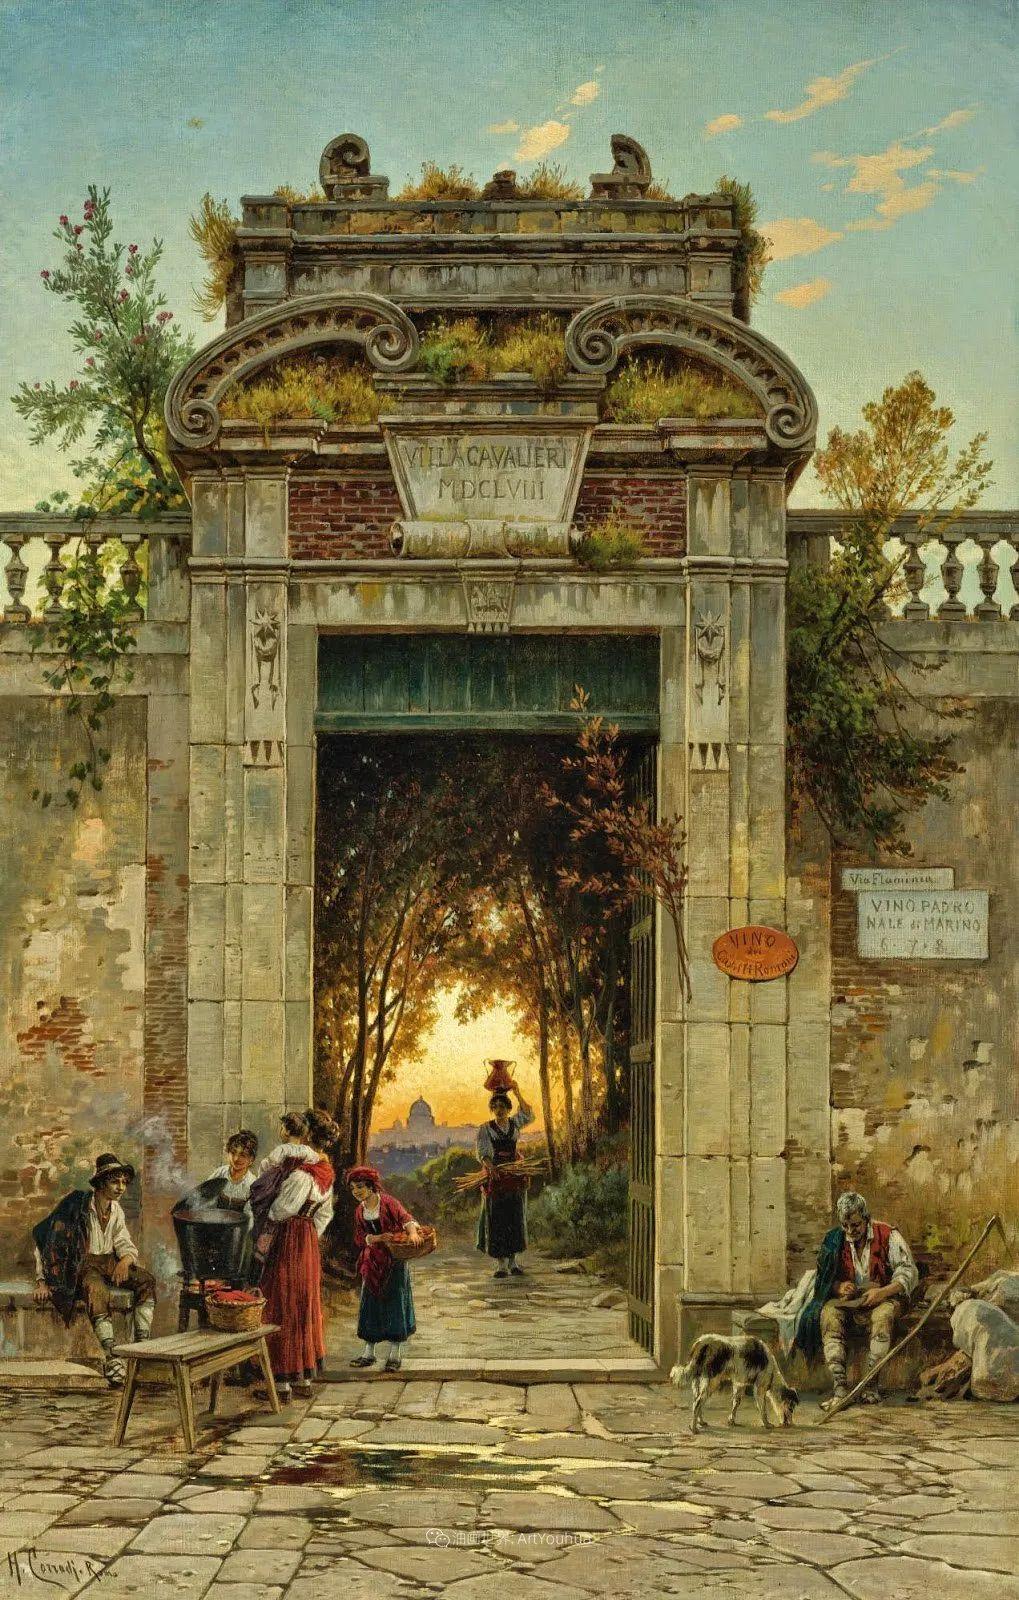 百年前的巨幅风景画,恢弘壮丽!插图81